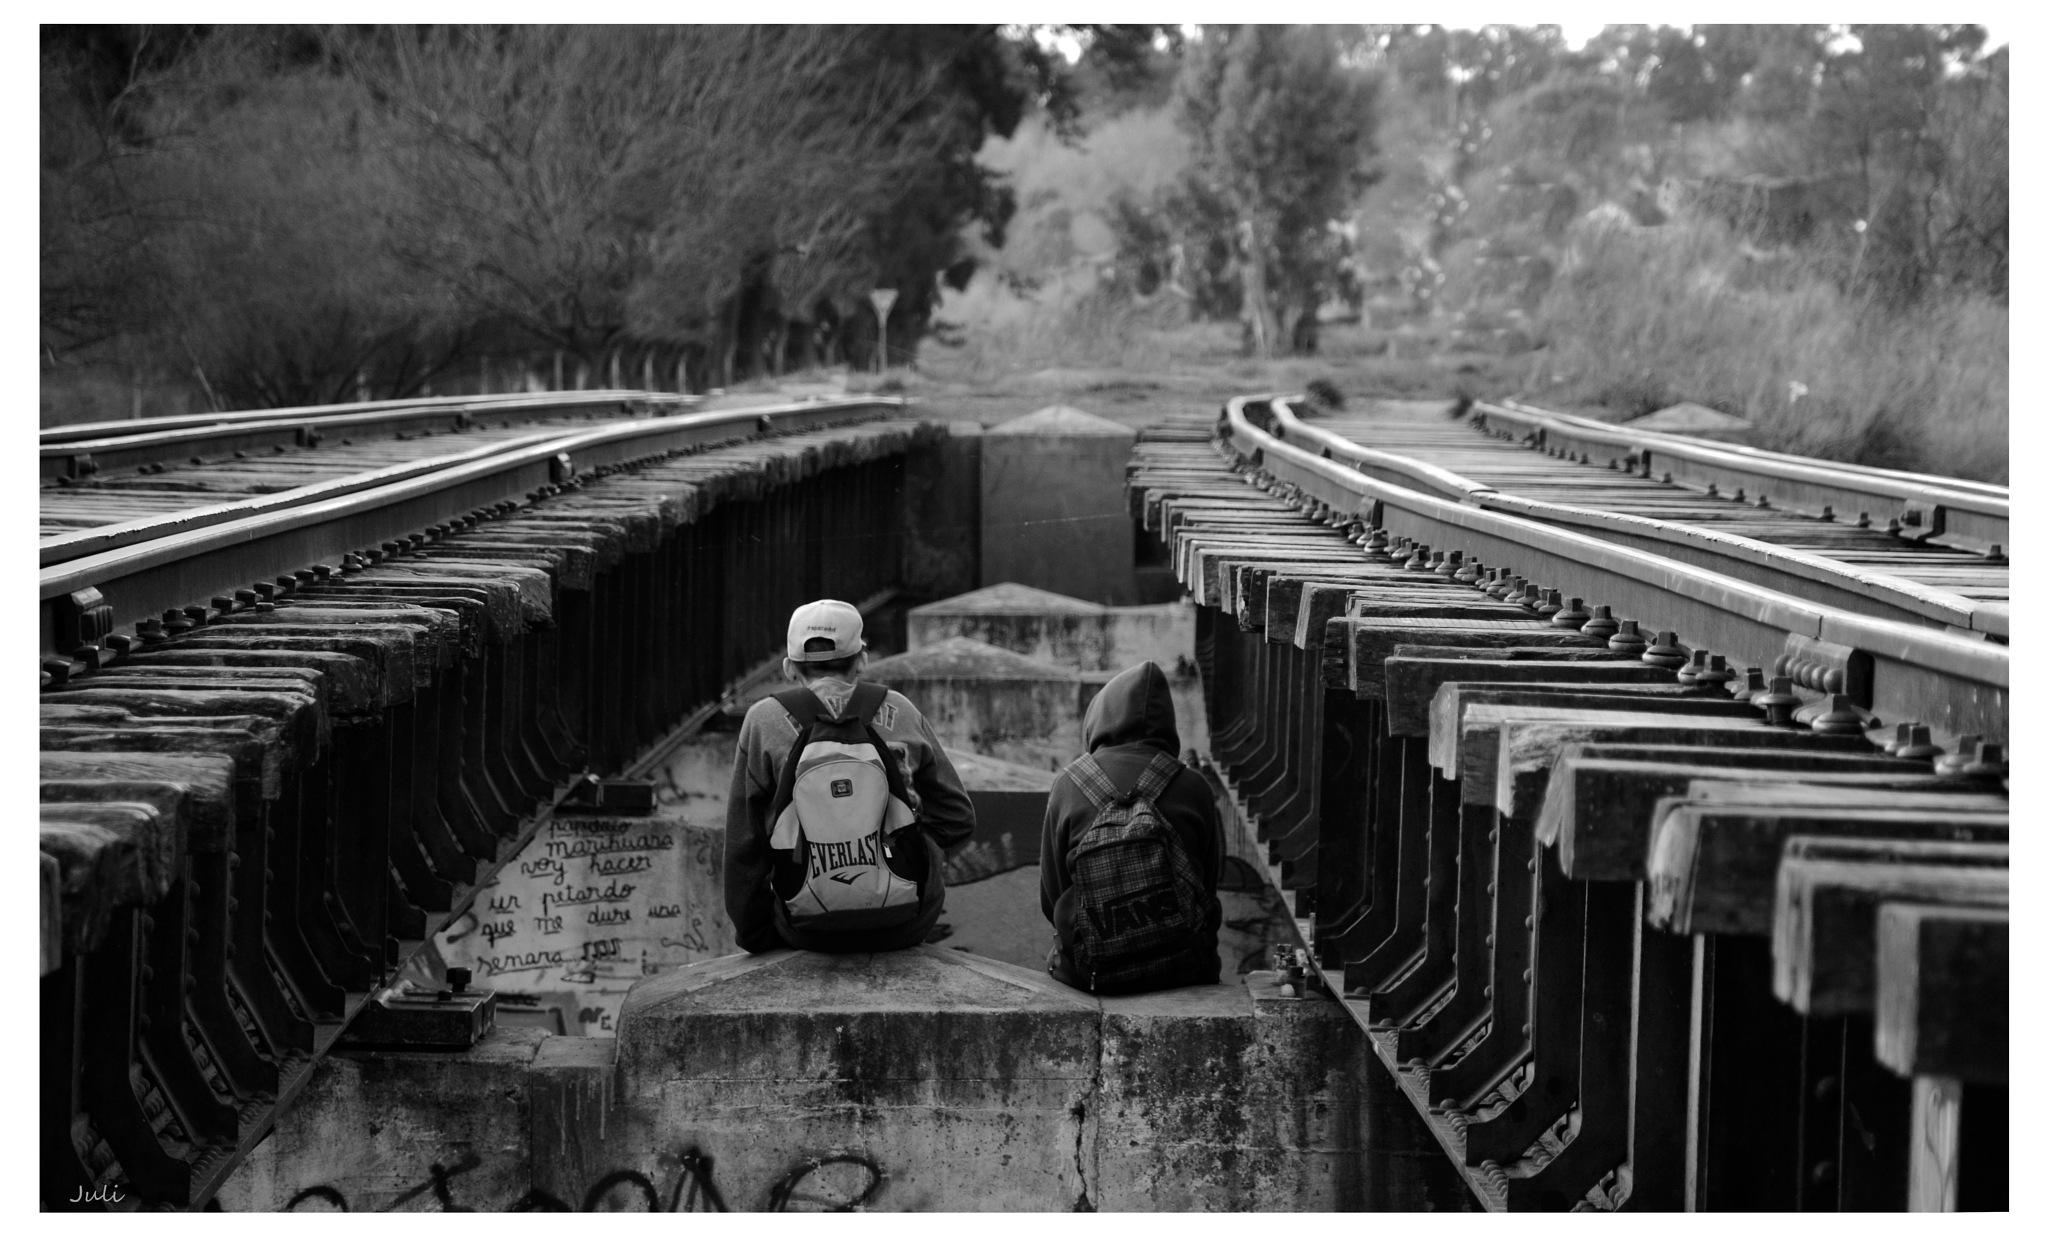 Vias del tren... by July Pilotto